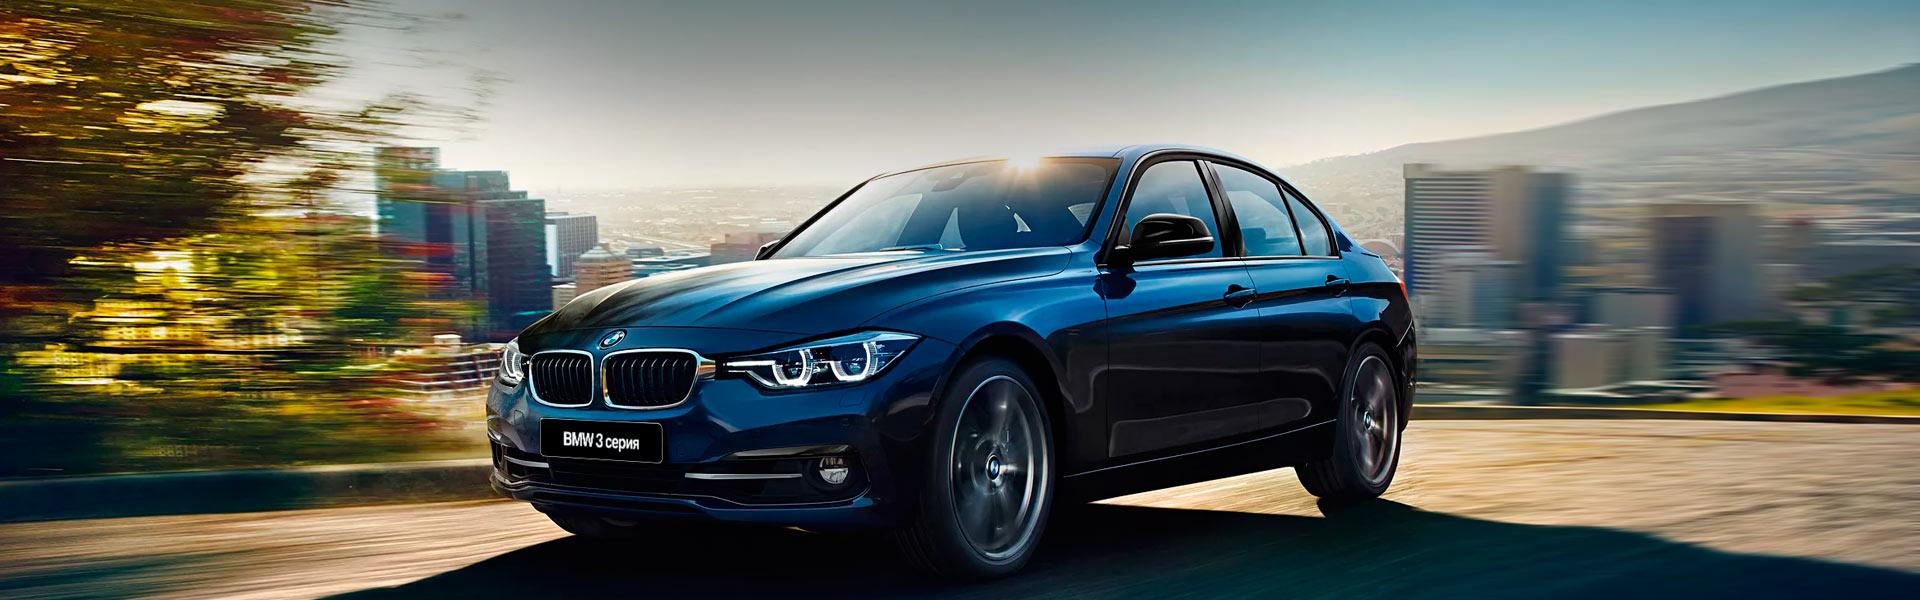 Покраска бампера BMW 3-series